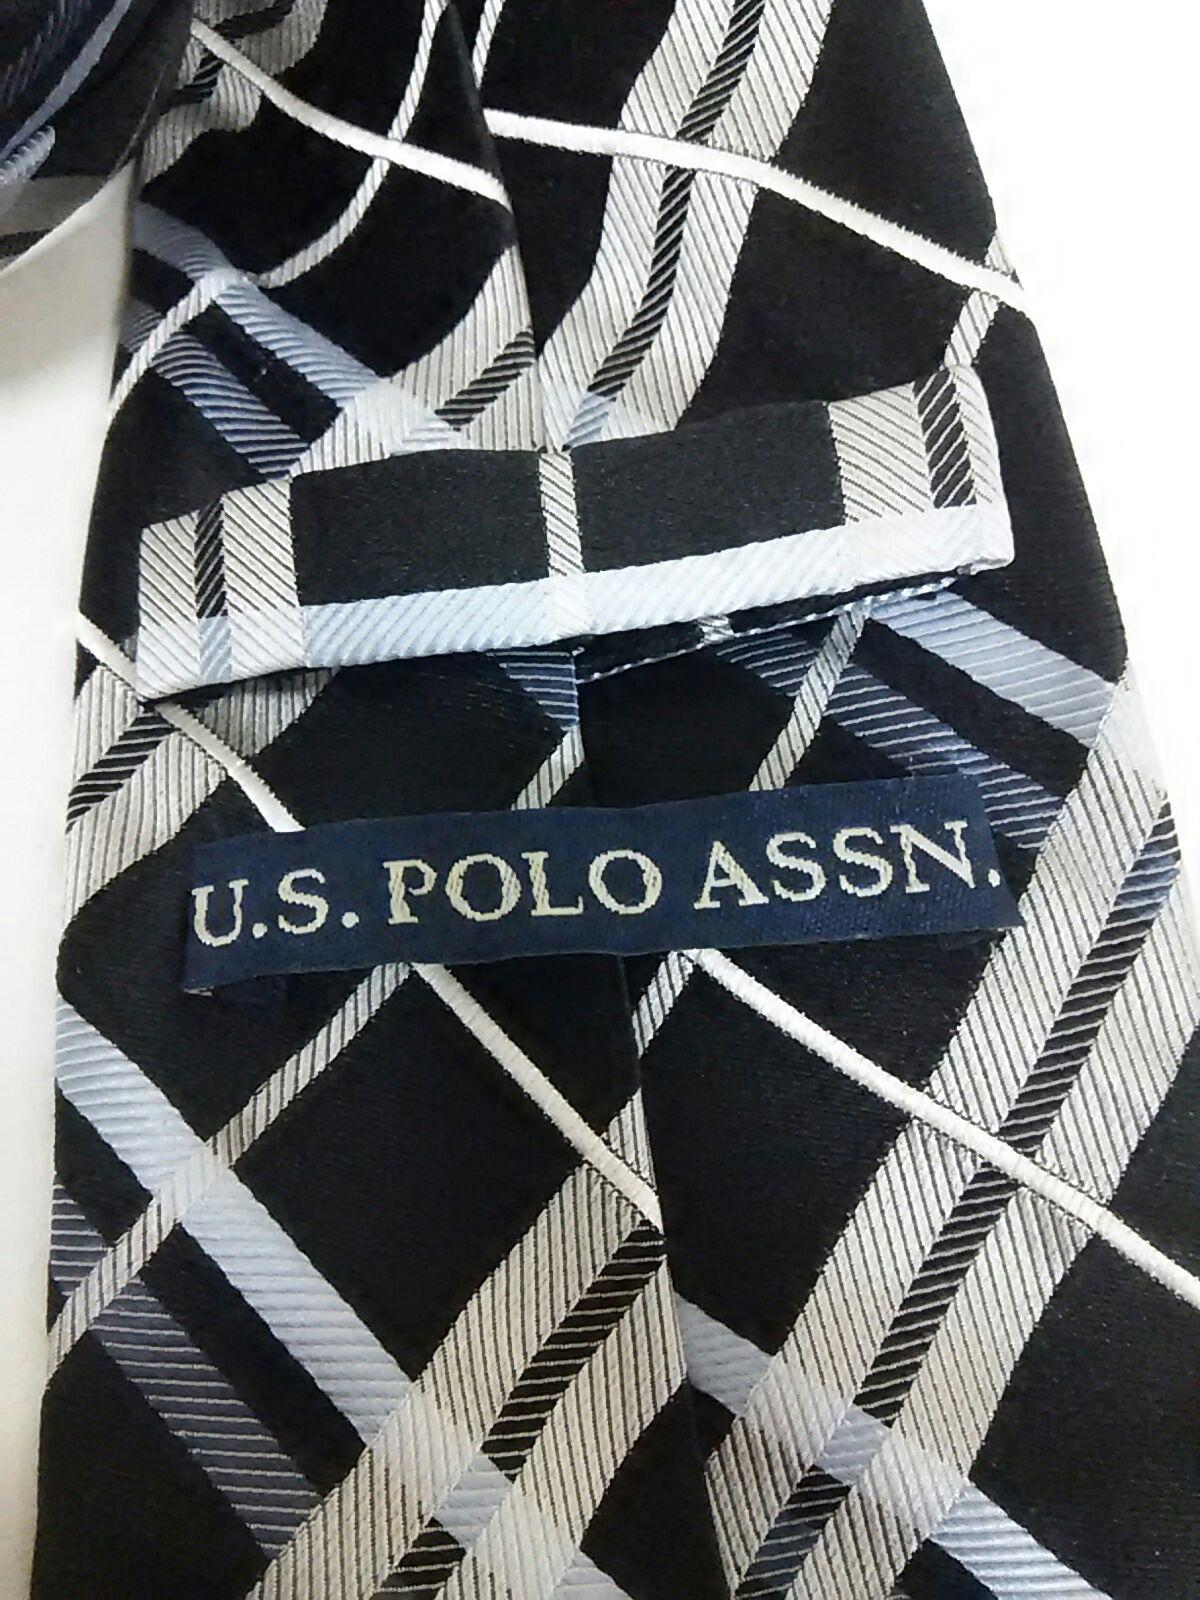 U.S.POLOASSN.(ユーエスポロアソシエーション)のネクタイ